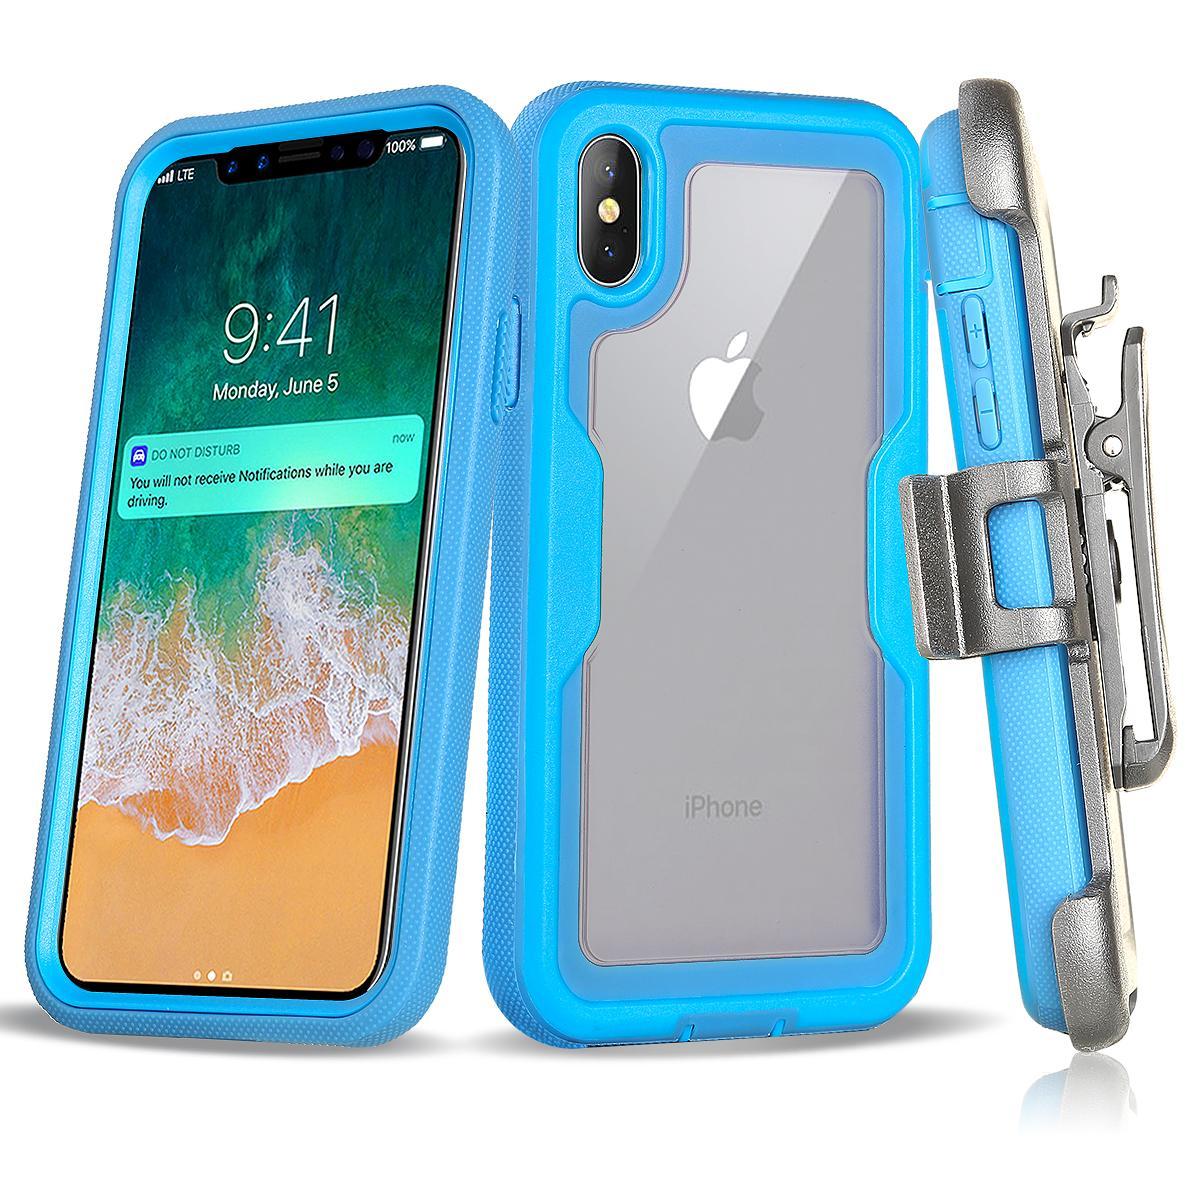 Per Samsung ON5 2016 G360H J1 J3 J7 Holster clip da cintura Kickstand 3 in 1 copertura della cassa del telefono Defender di protezione robusto Heavy Duty antiurto